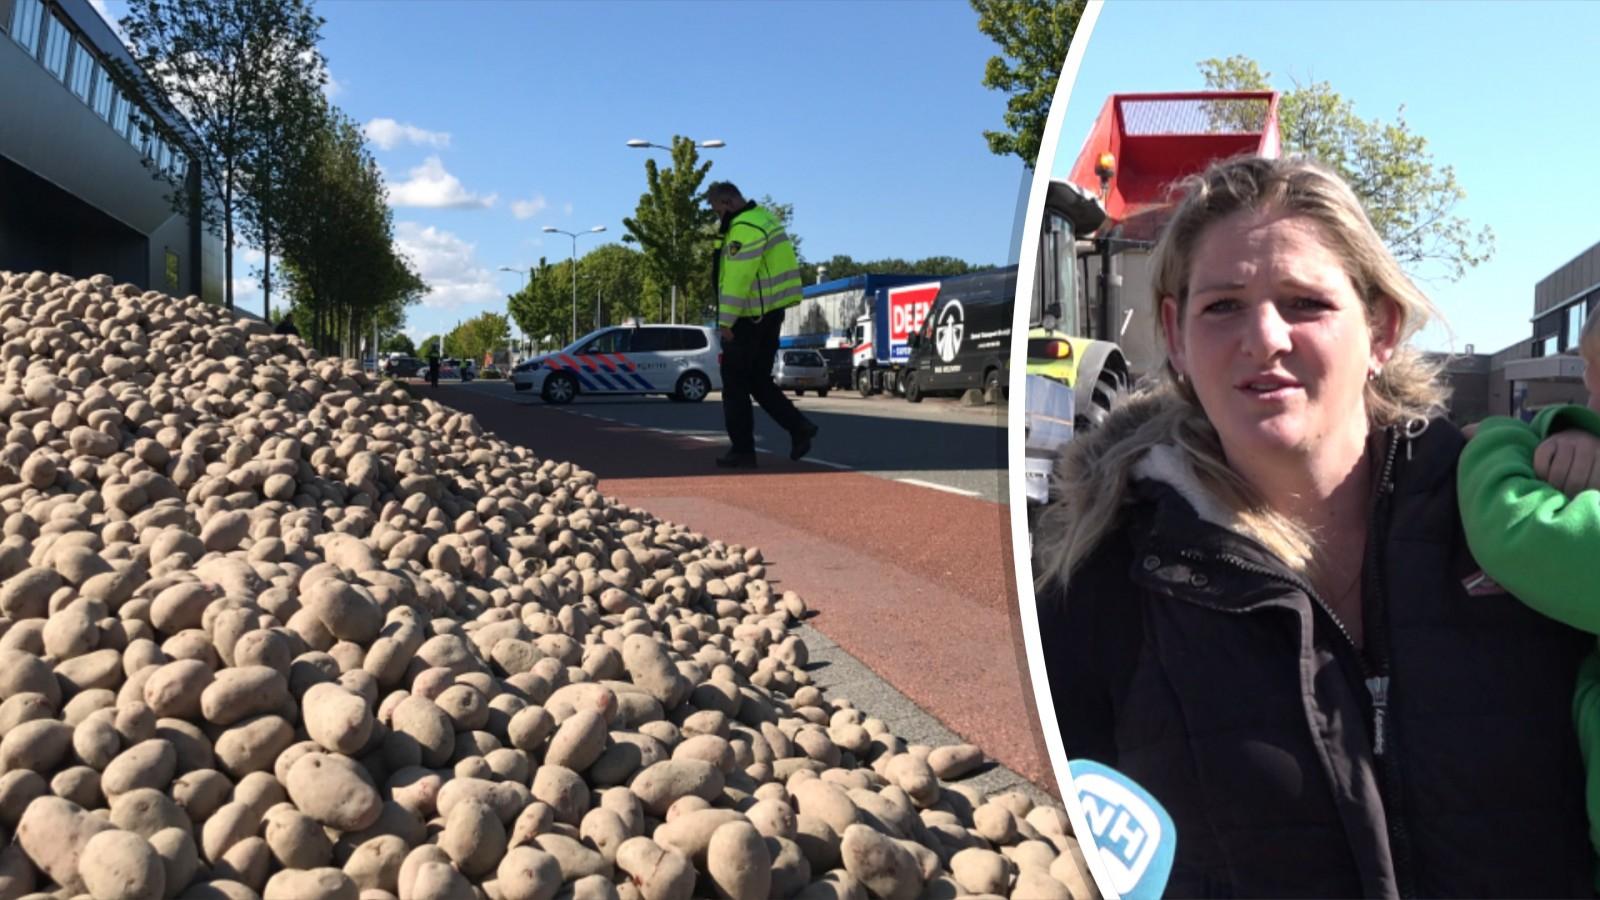 [LOKAAL] 6000 kilo aardappelen gratis af te halen in Hoorn.